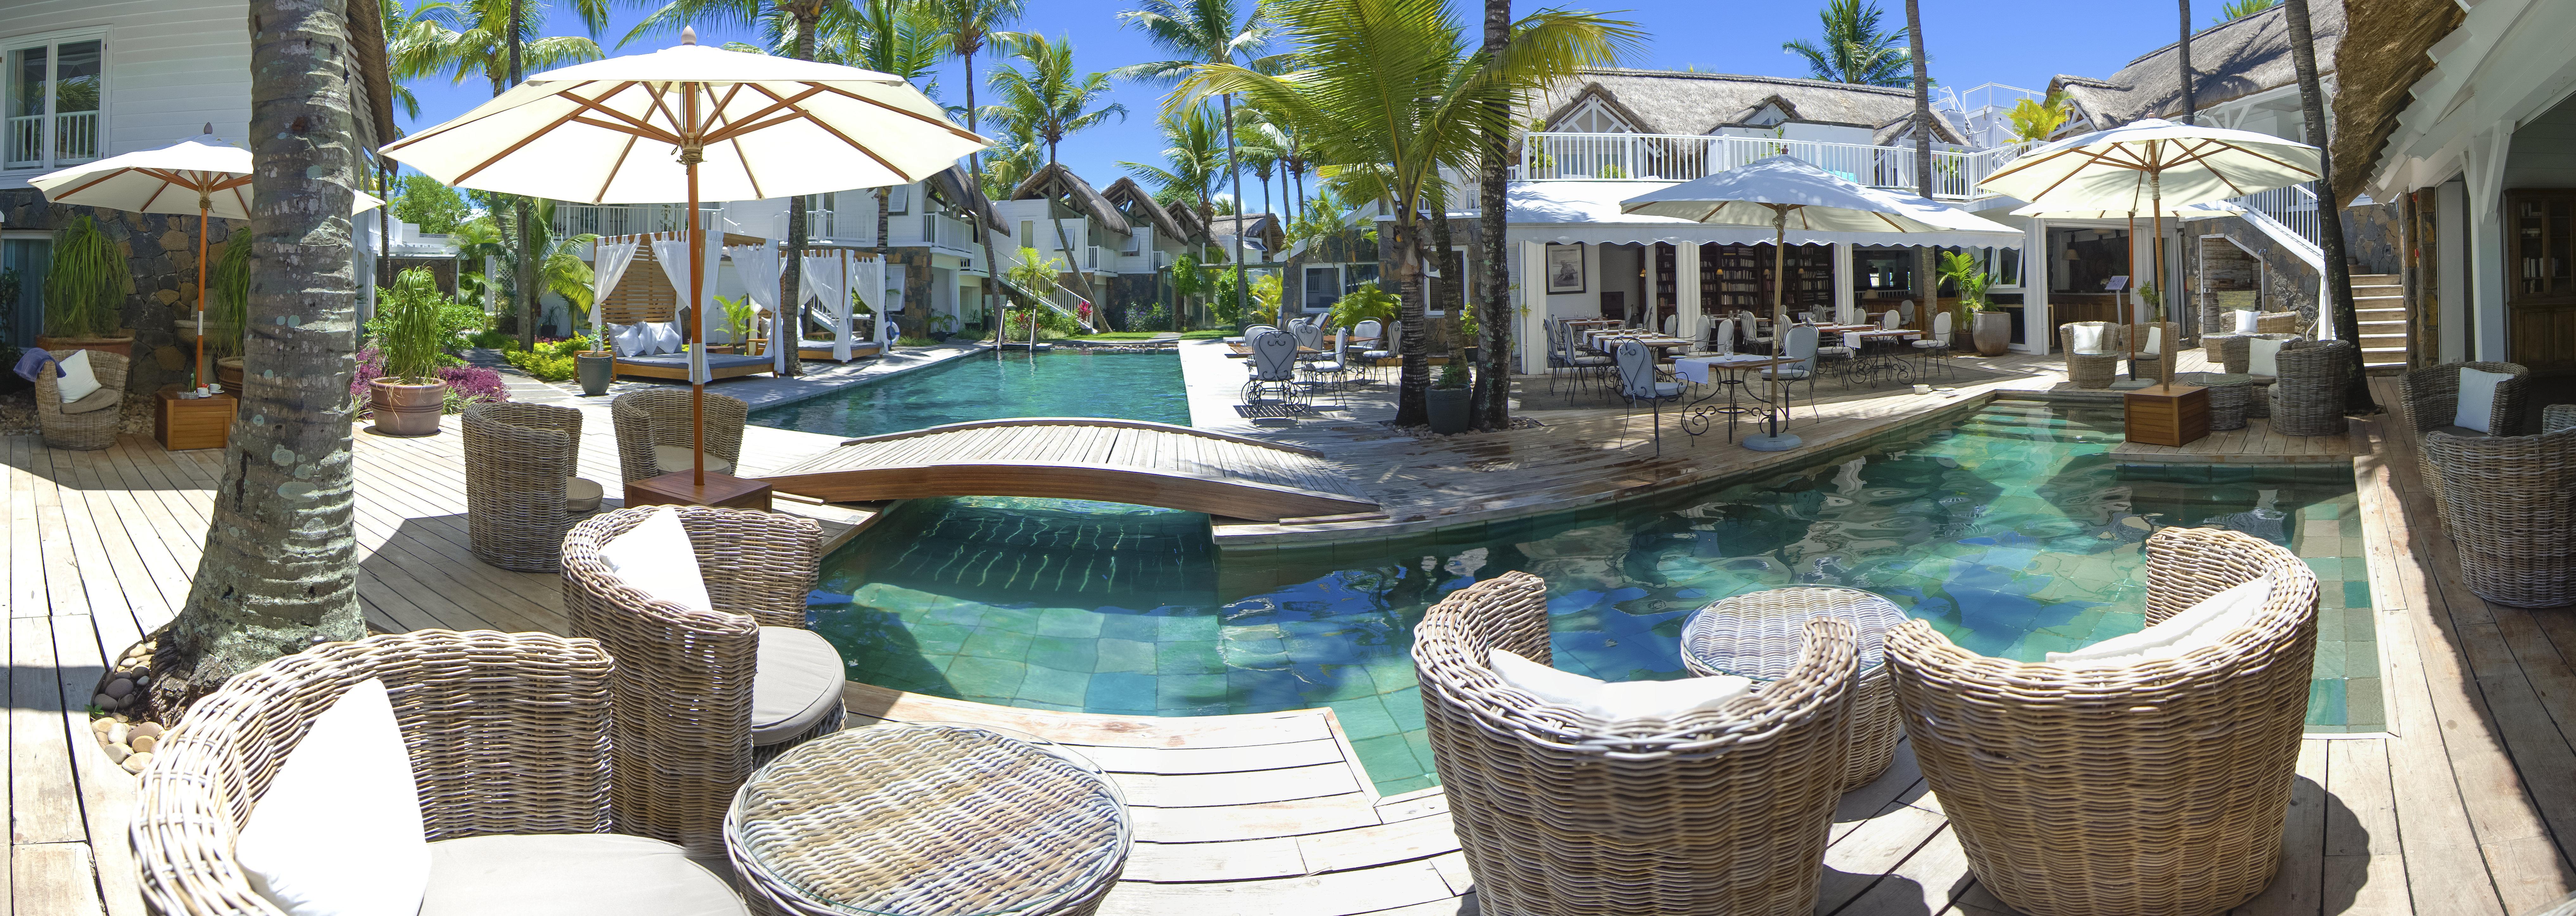 20-degrees-sud-mauritius-hotel